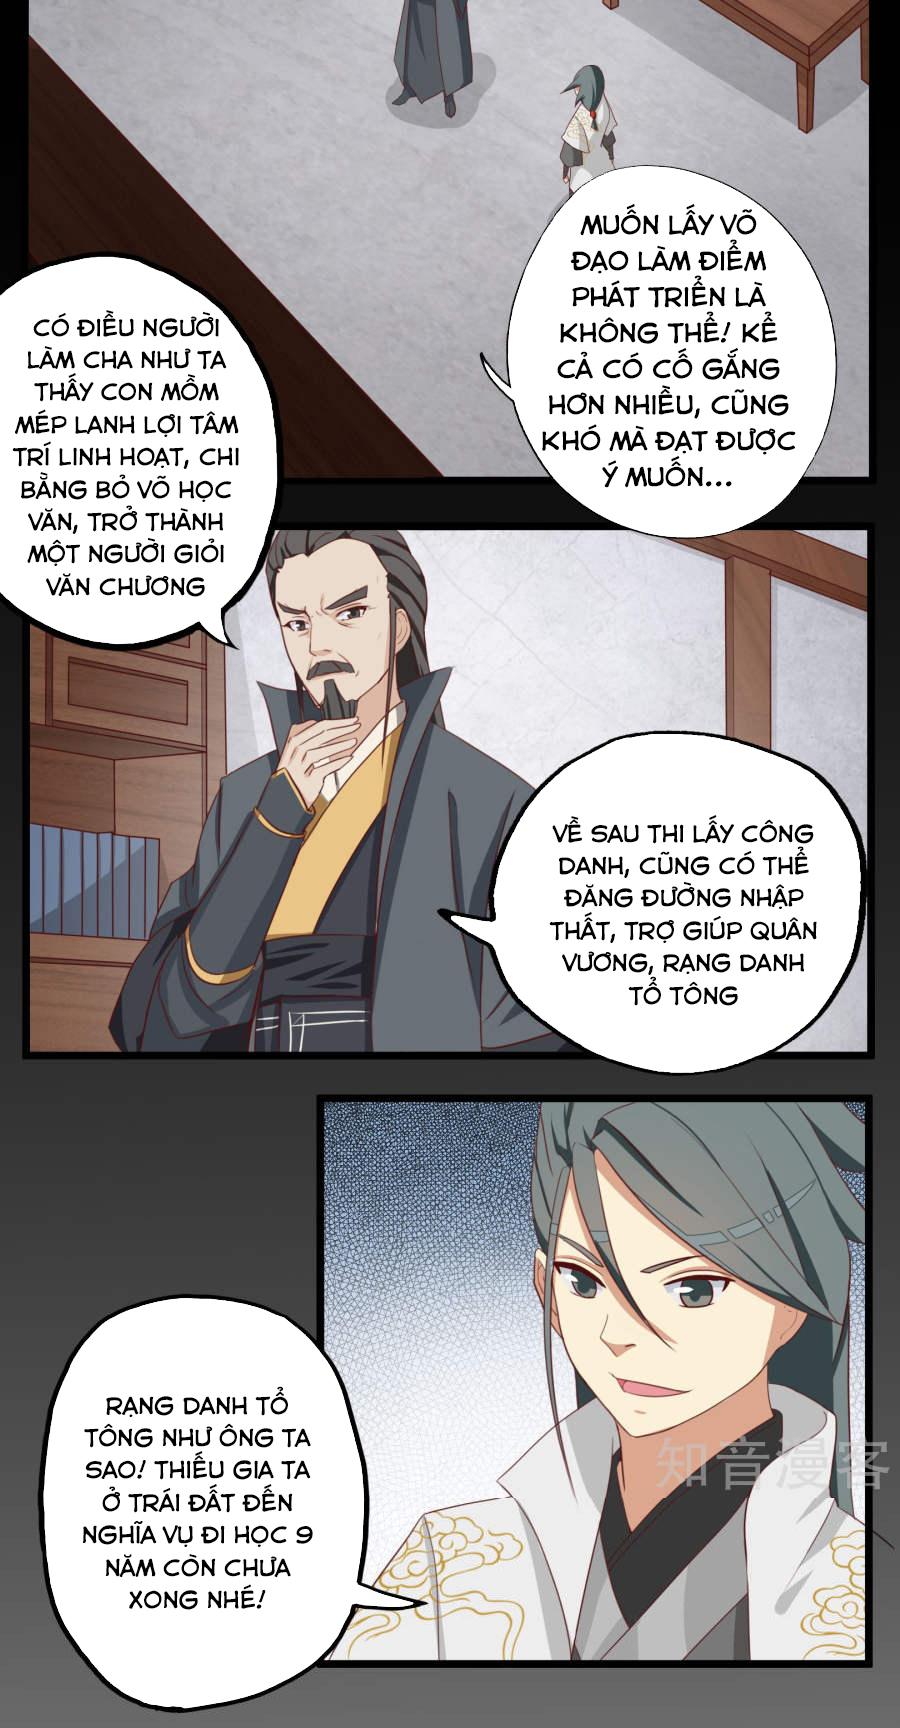 Cuồng Đồ Tu Tiên - Chap 17